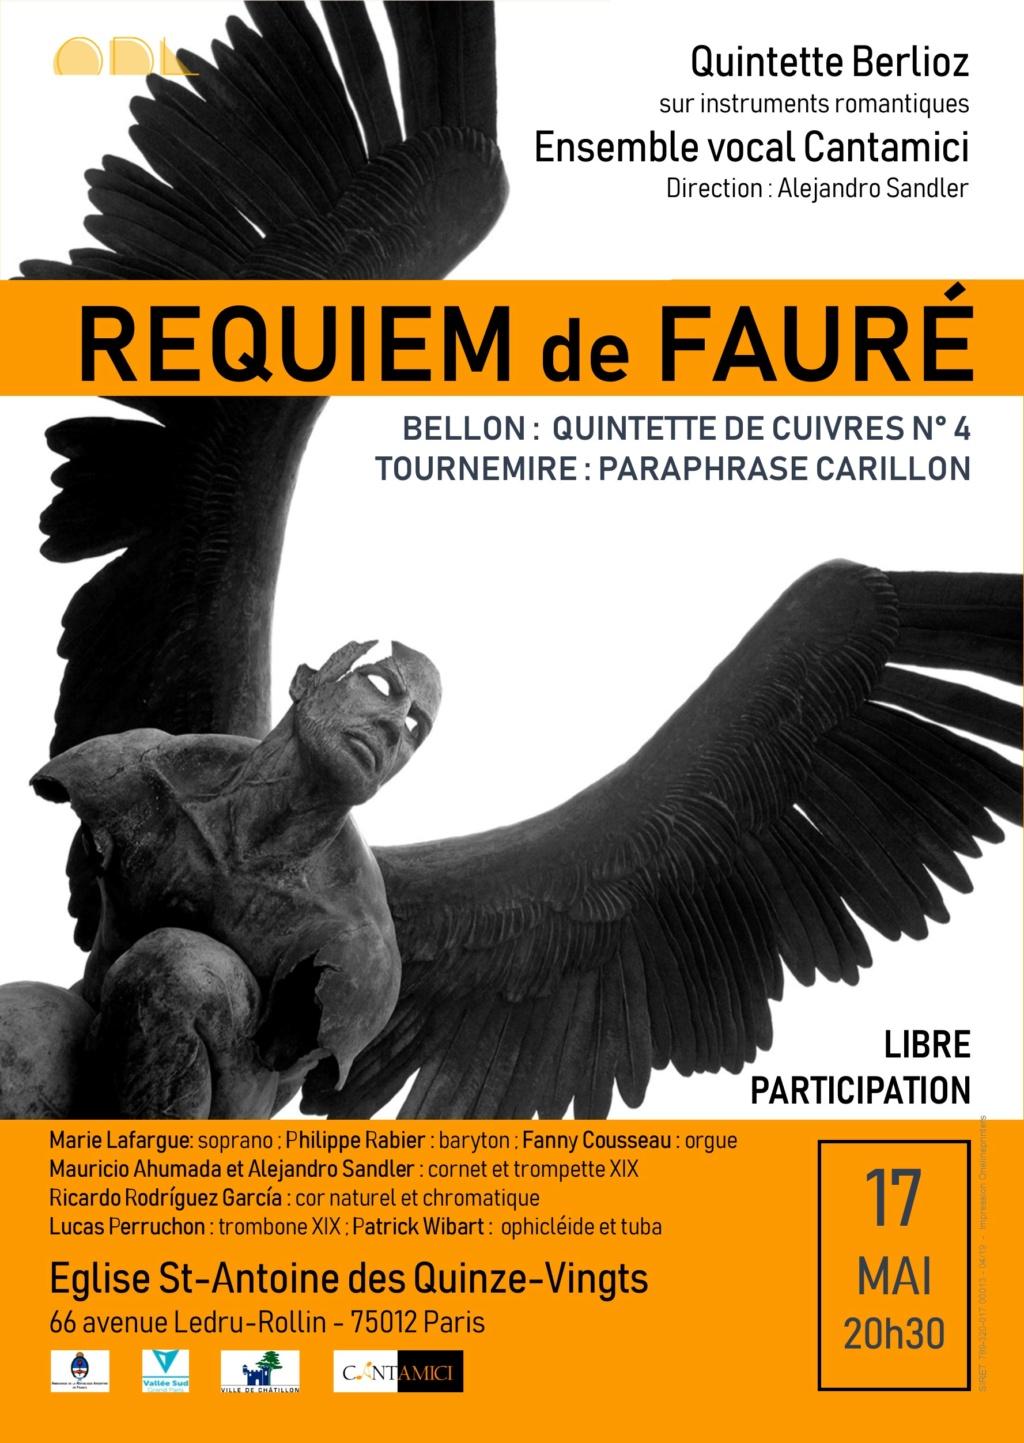 Affiche concert Requiem de Fauré 2019